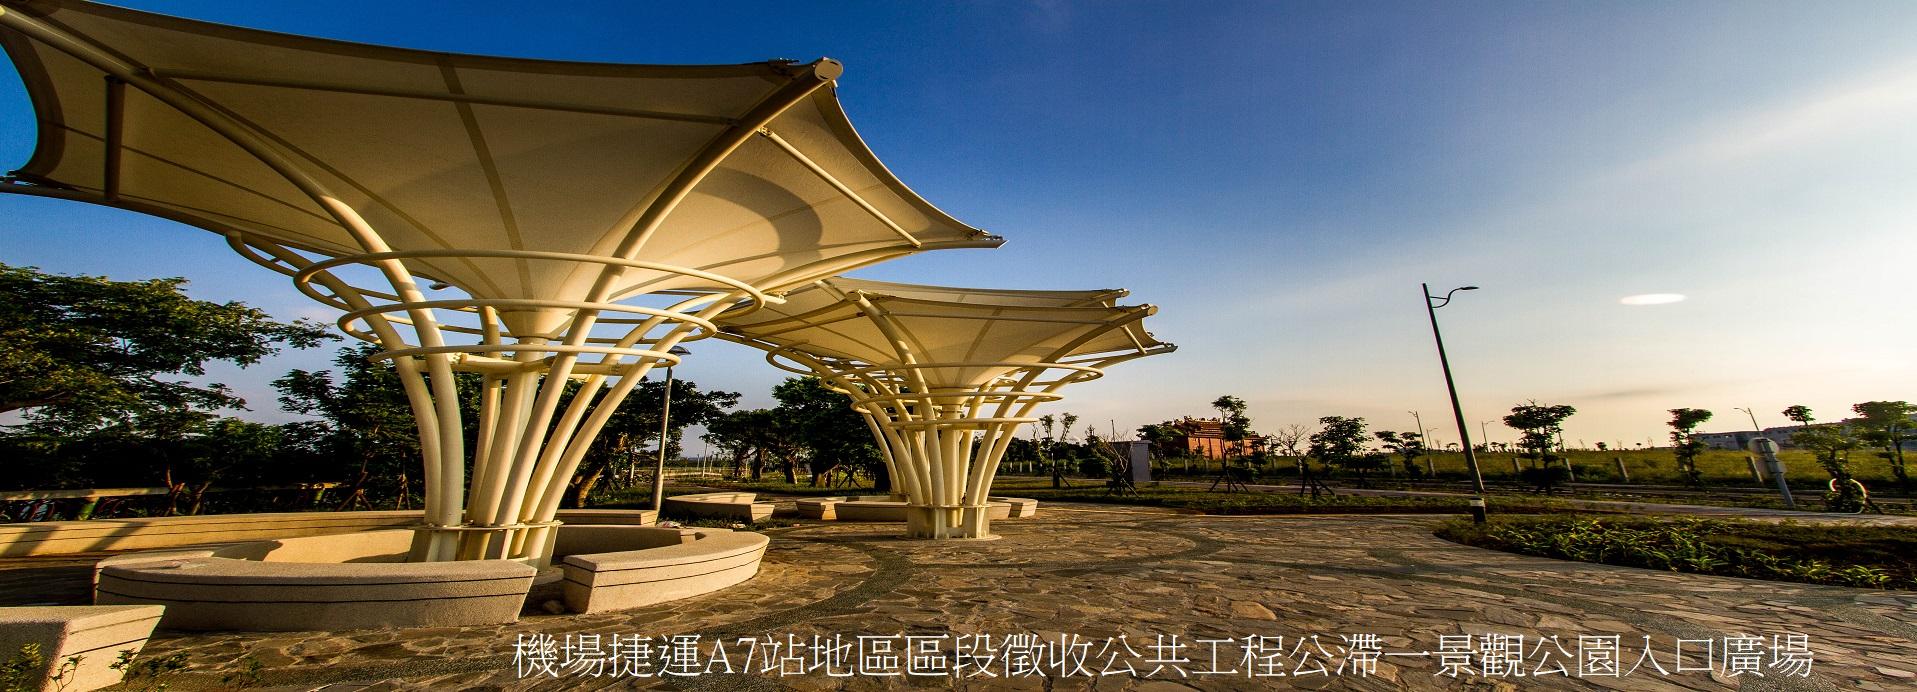 機場捷運A7站地區區段徵收公共工程公滯一景觀公園入口廣場